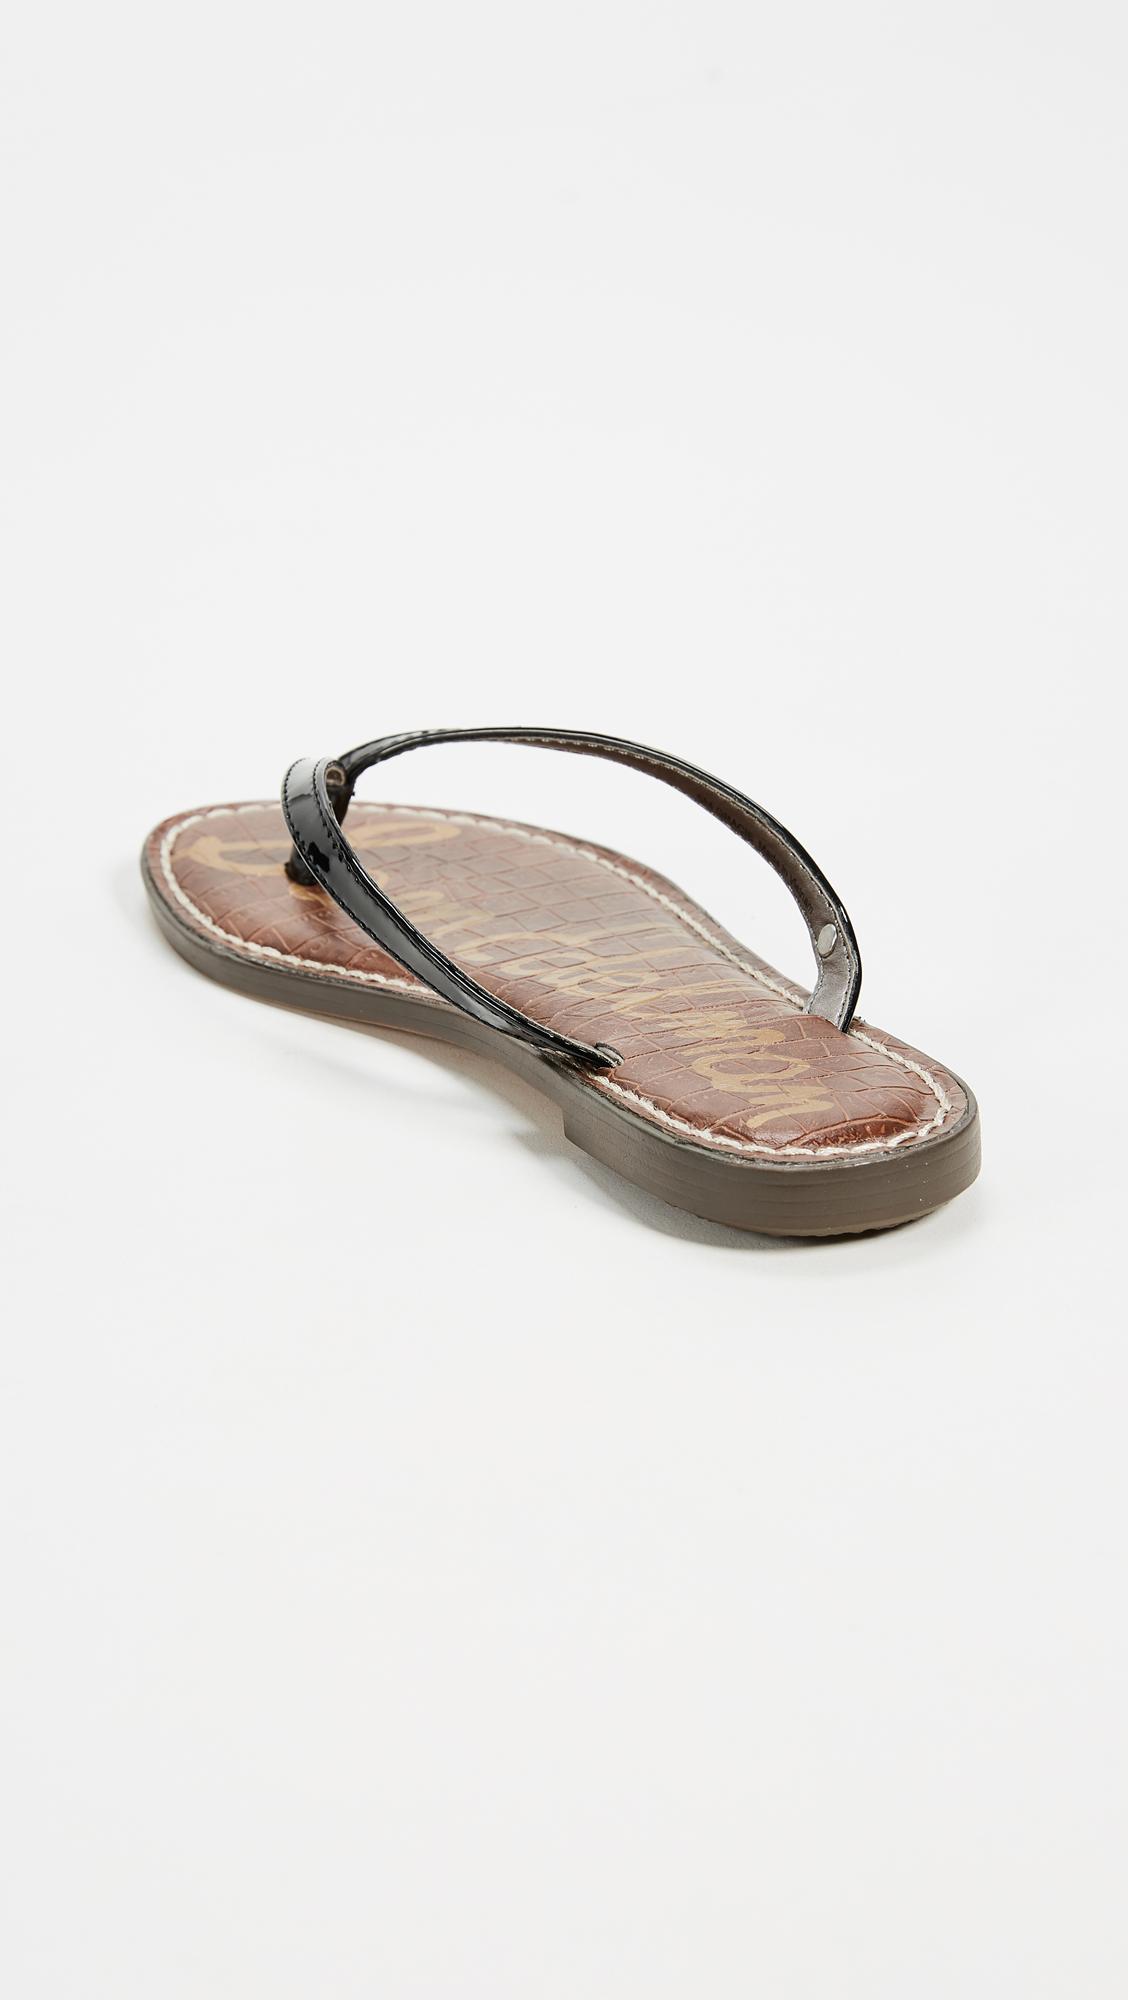 83055b3ea7304 Sam Edelman Gracie Thong Sandals